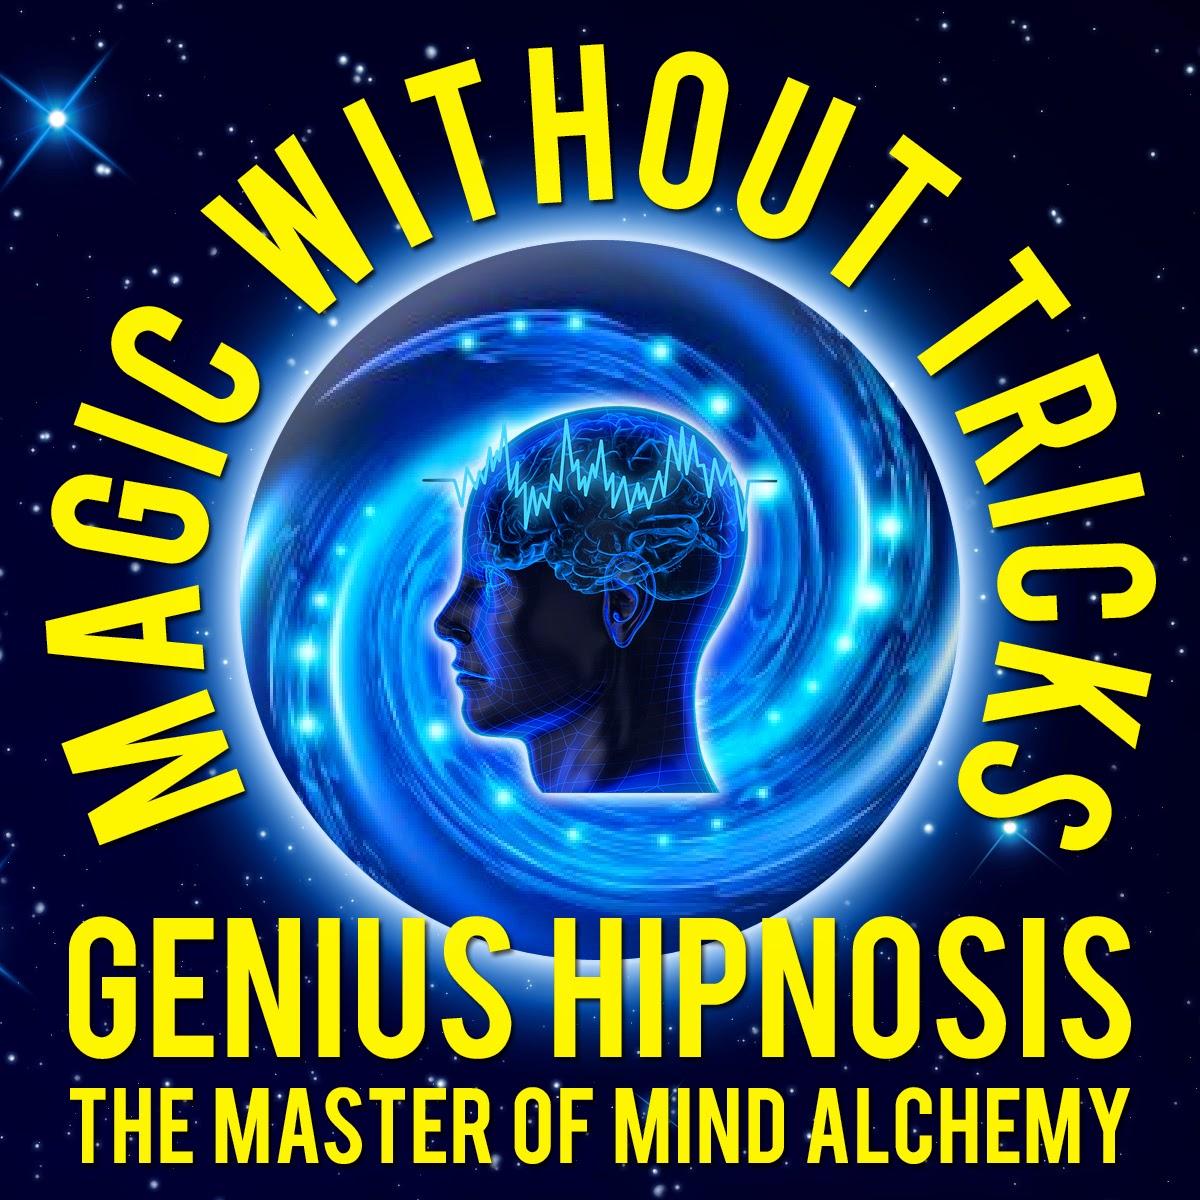 Neo Institusionalisme Adalah: Hipnotis Adalah Sulap Tanpa Trick